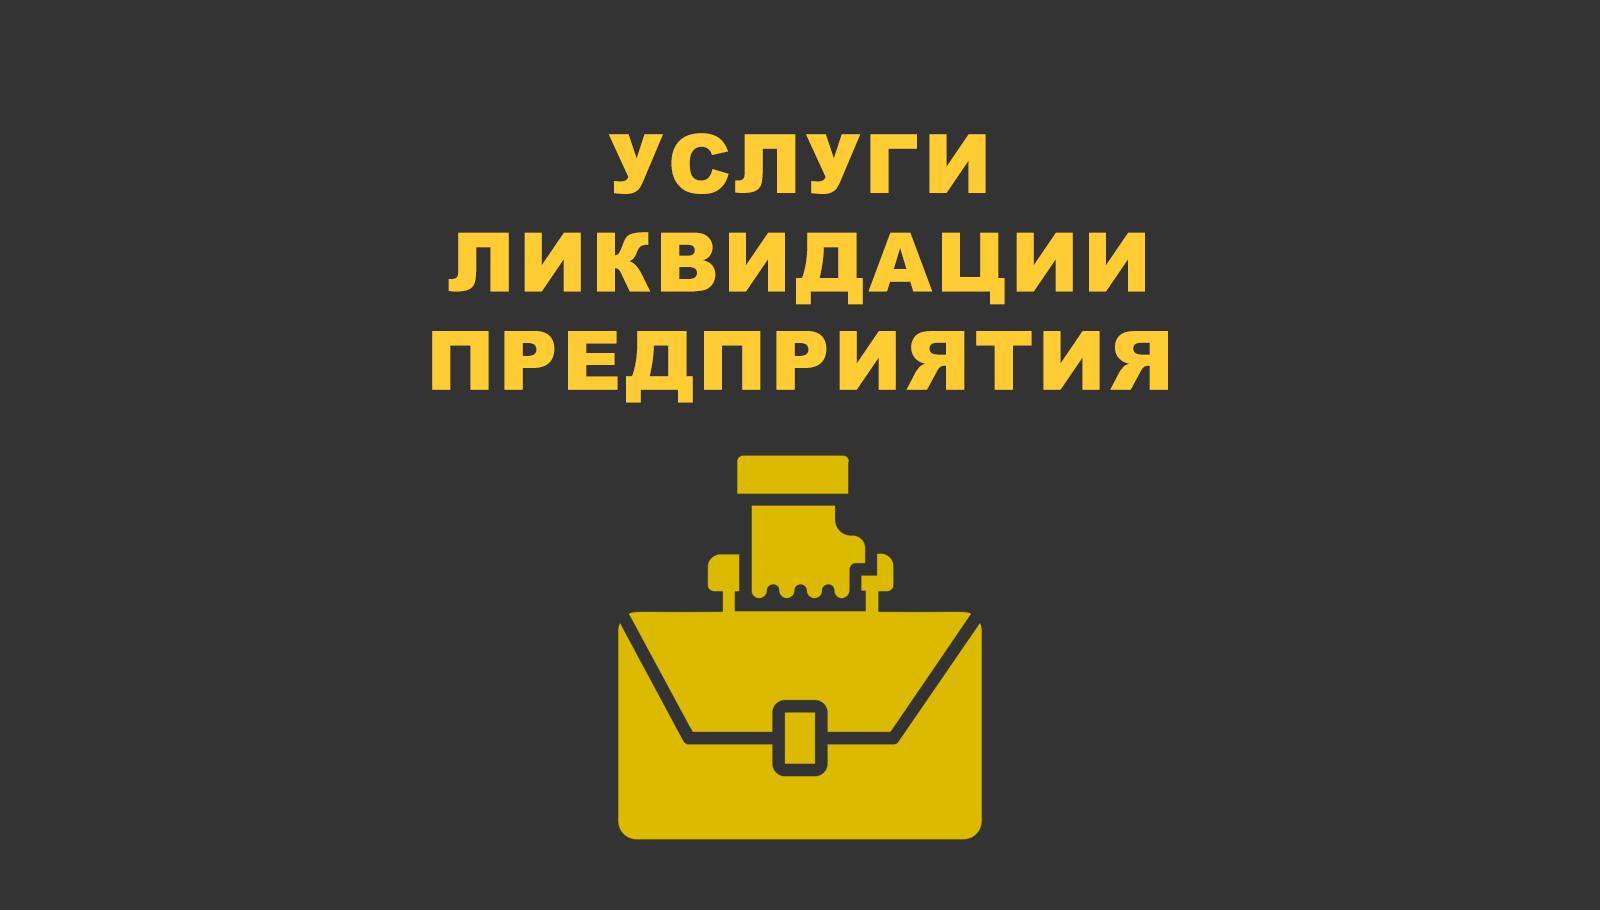 Услуги ликвидации предприятия